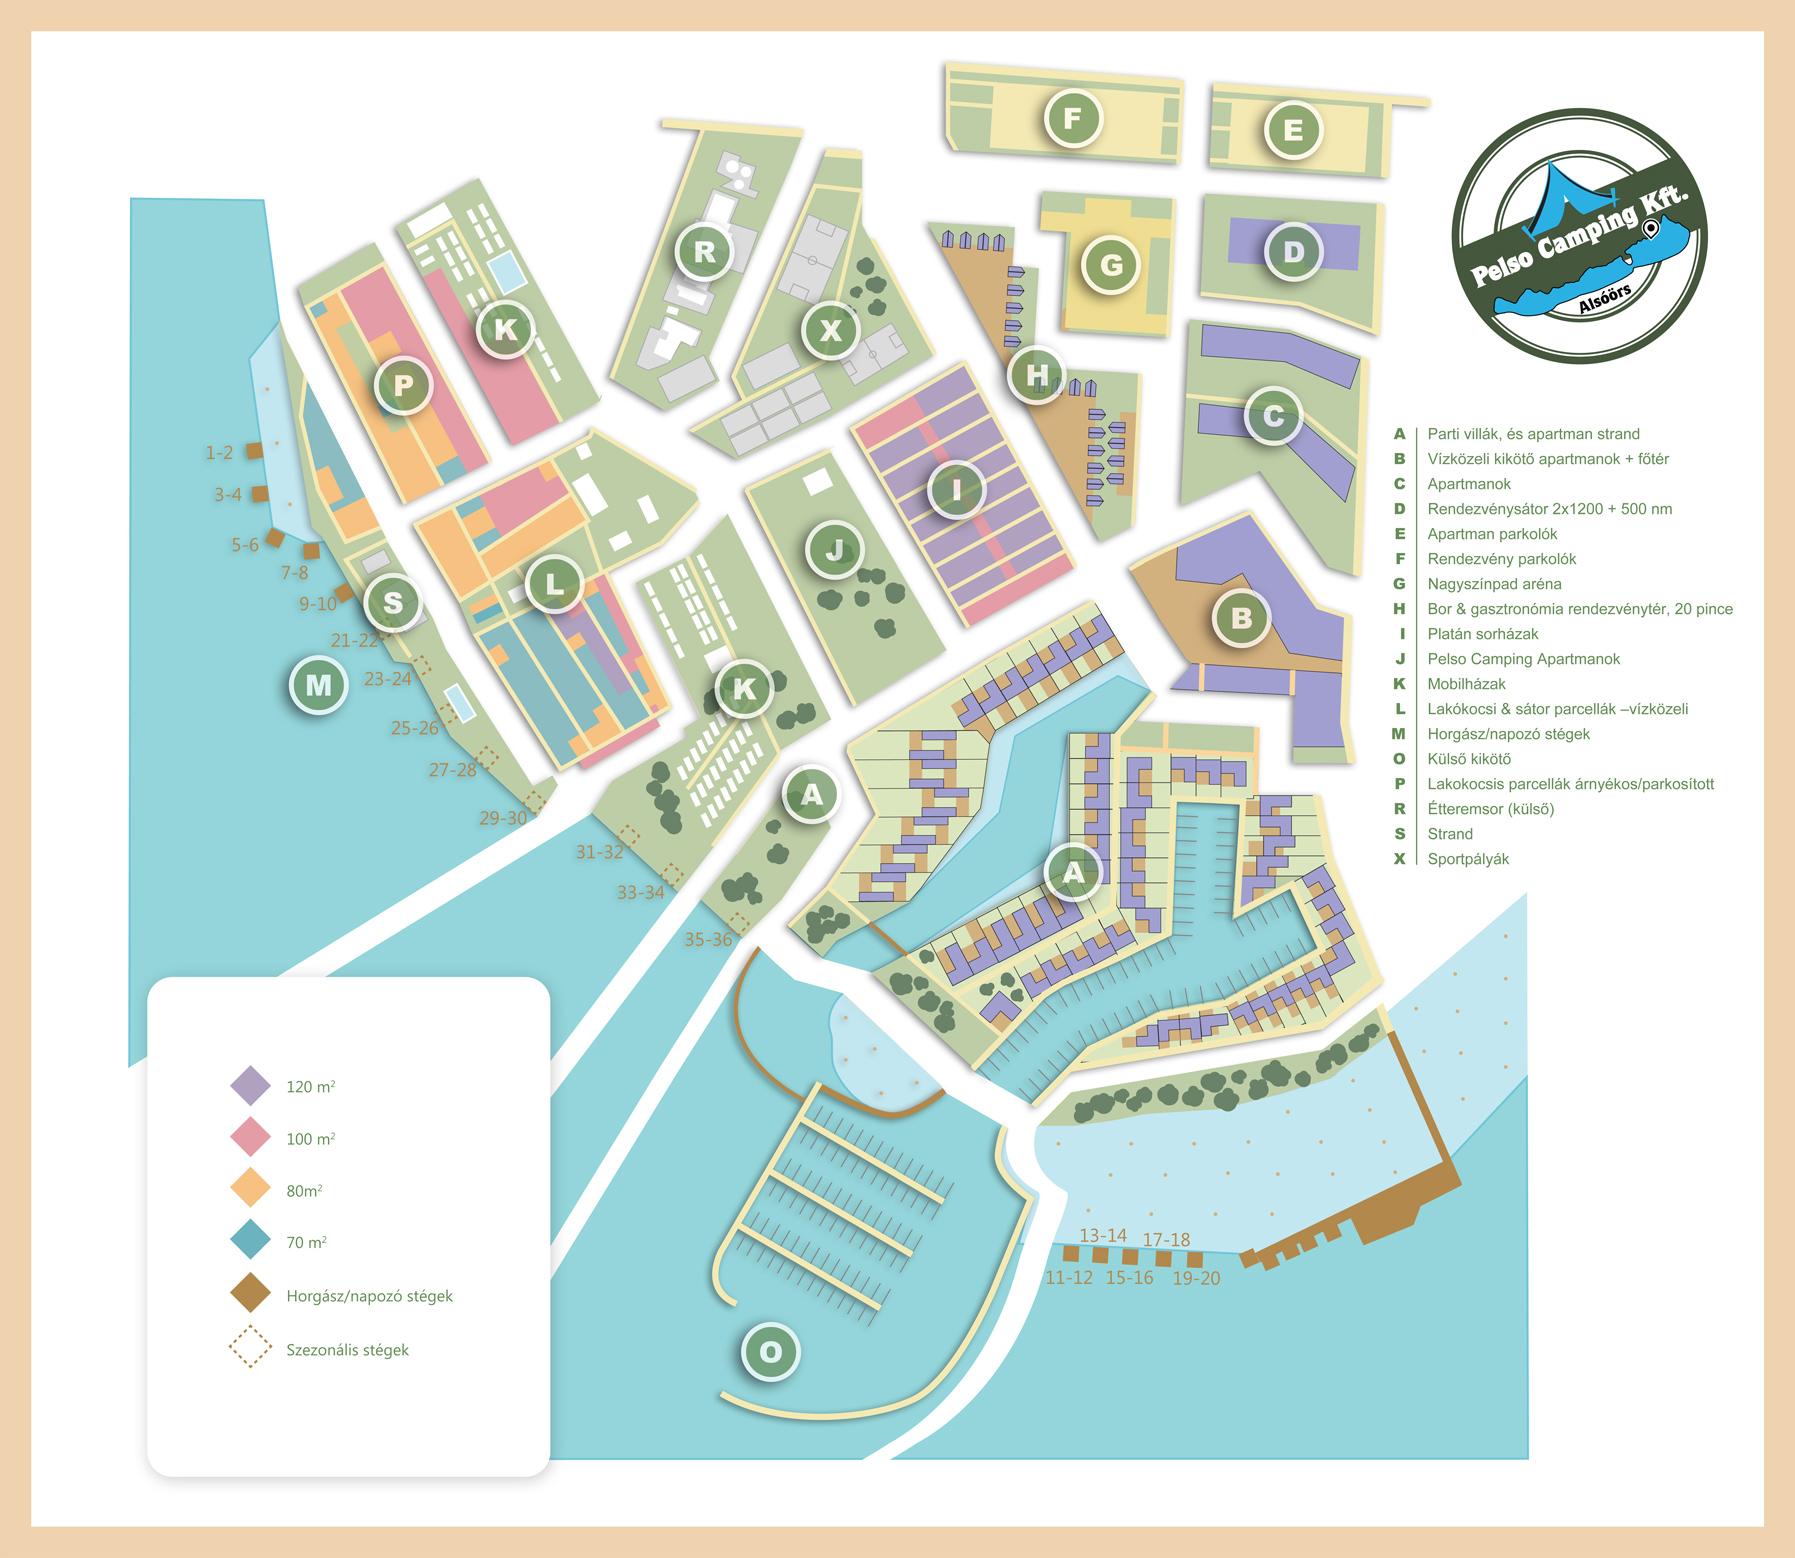 Pelso Camping fejlesztési terv